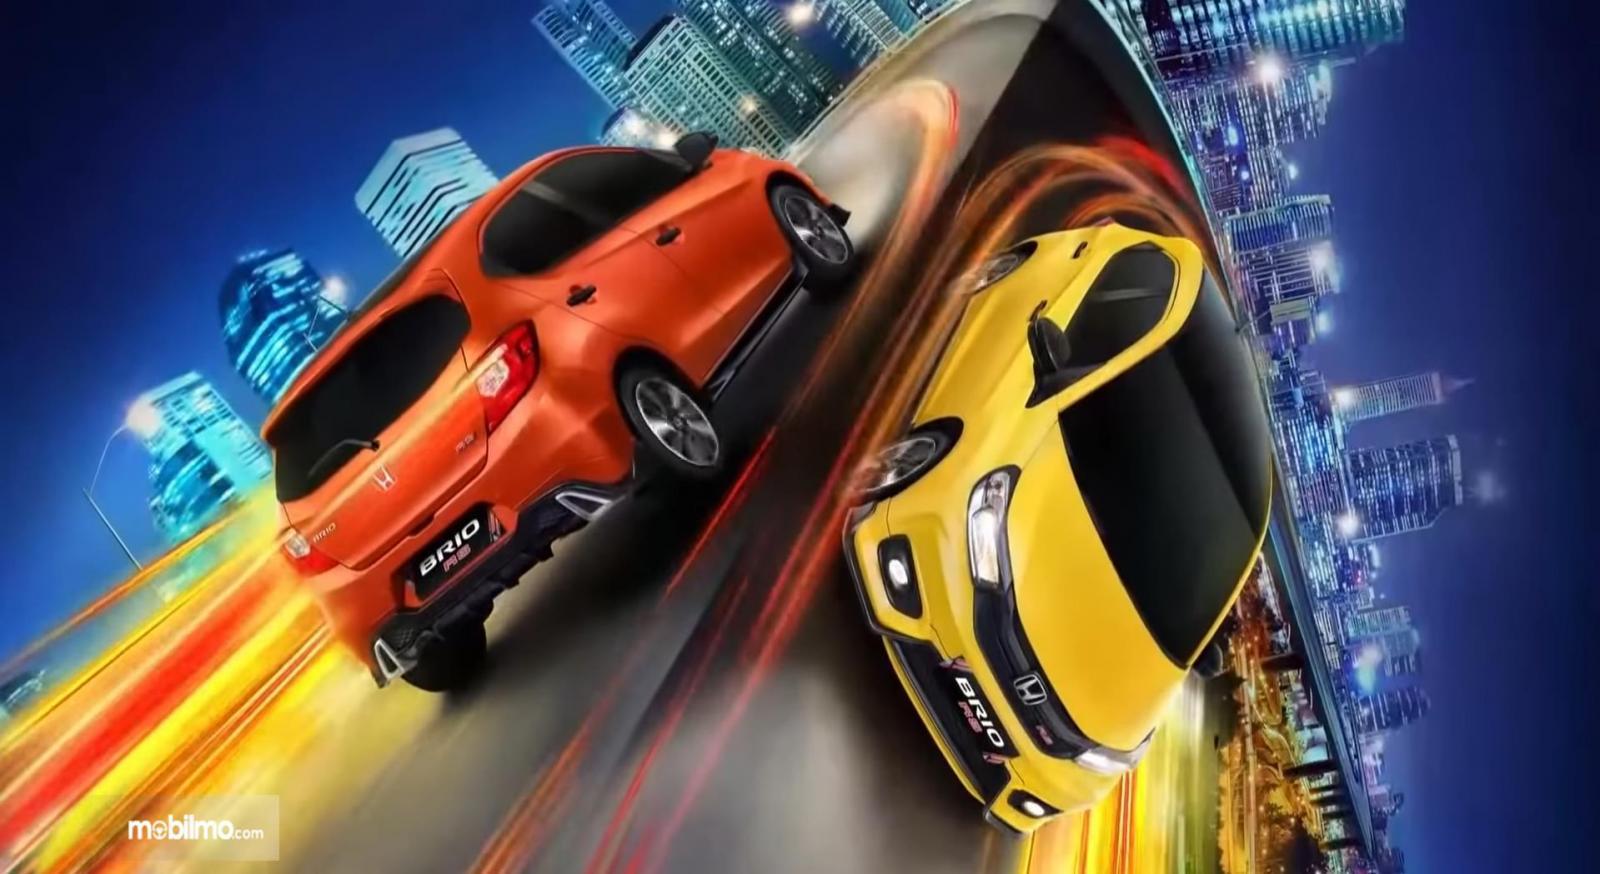 GAmbar ini menunjukkan 2 buah pilihan warna mobil New Honda Brio RS Urbanite Edition